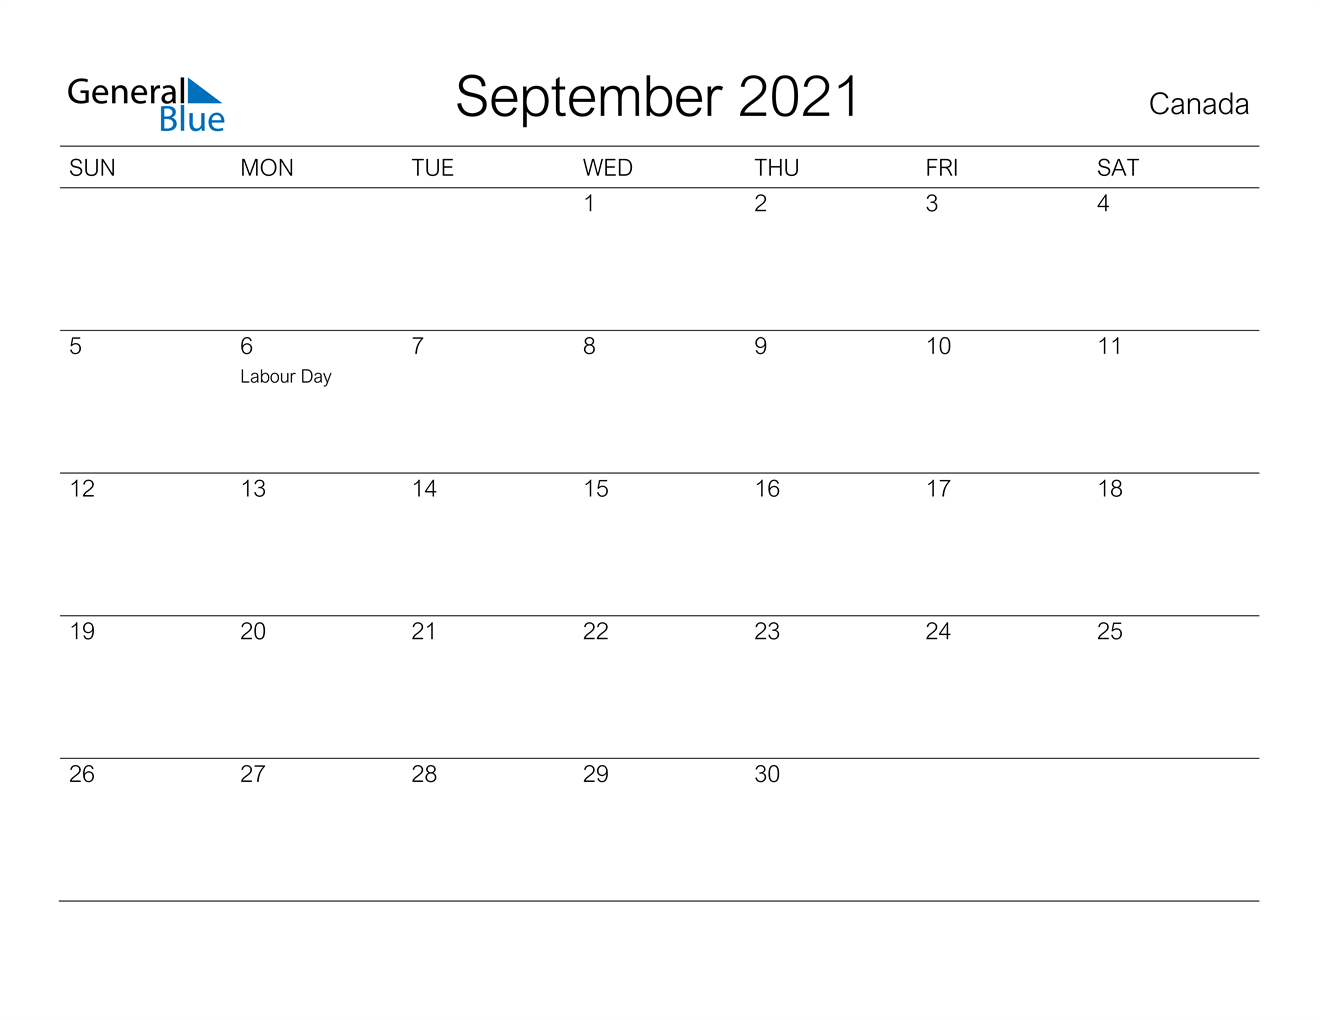 September 2021 Calendar - Canada